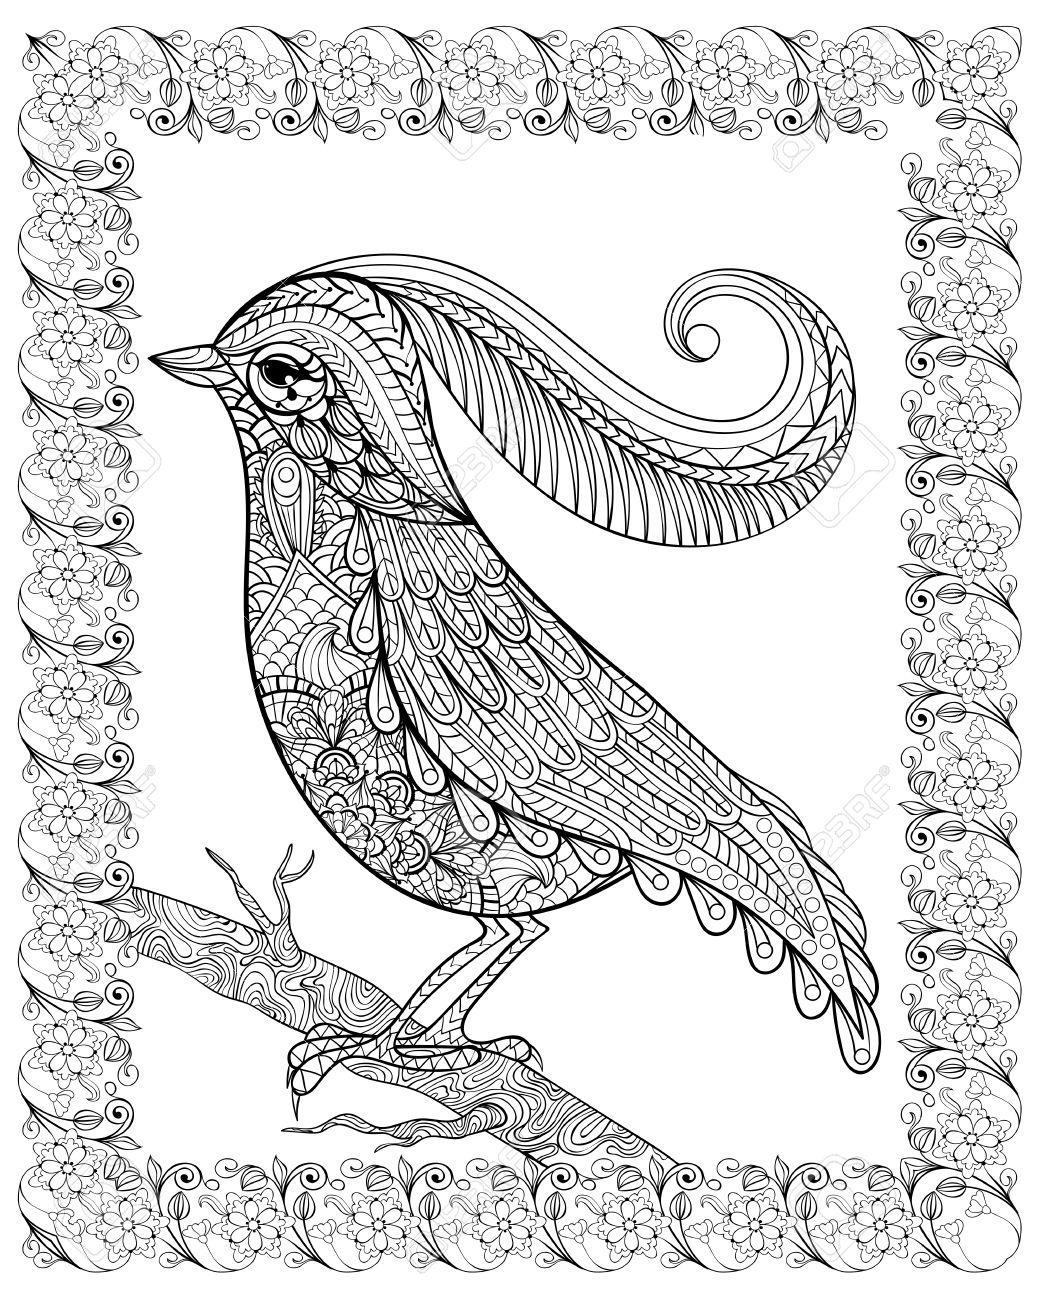 Hand Drawn Bel Oiseau Délicat Assis Sur Une Branche Encadrée Pour Anti Stress Adulte Coloriage Avec Des Détails élevés Isolé Sur Fond Blanc